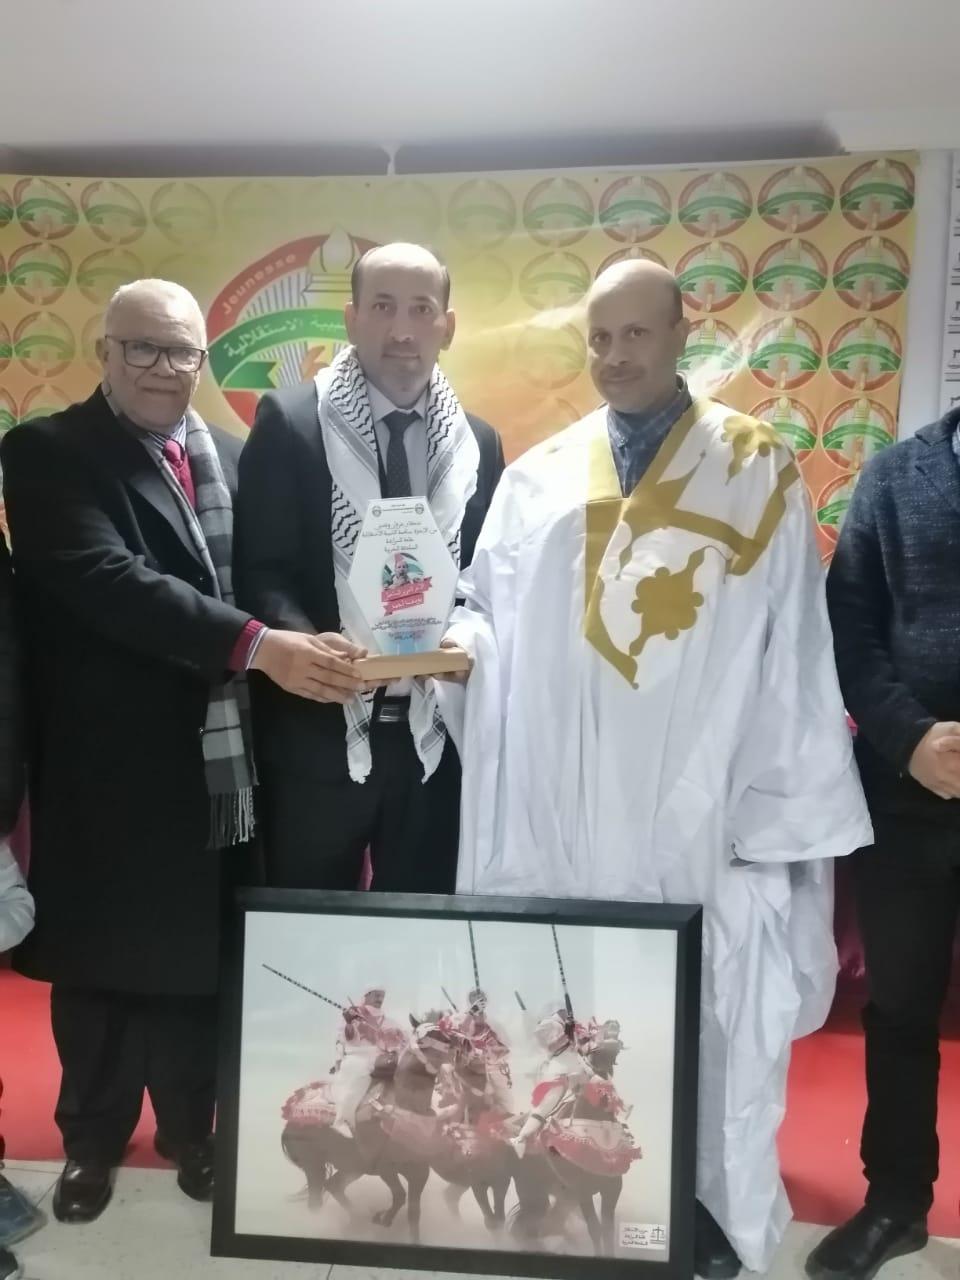 تكريم الرفيق يوسف أحمد سكرتير عام أشد بقلعة السراعنة في المغرب